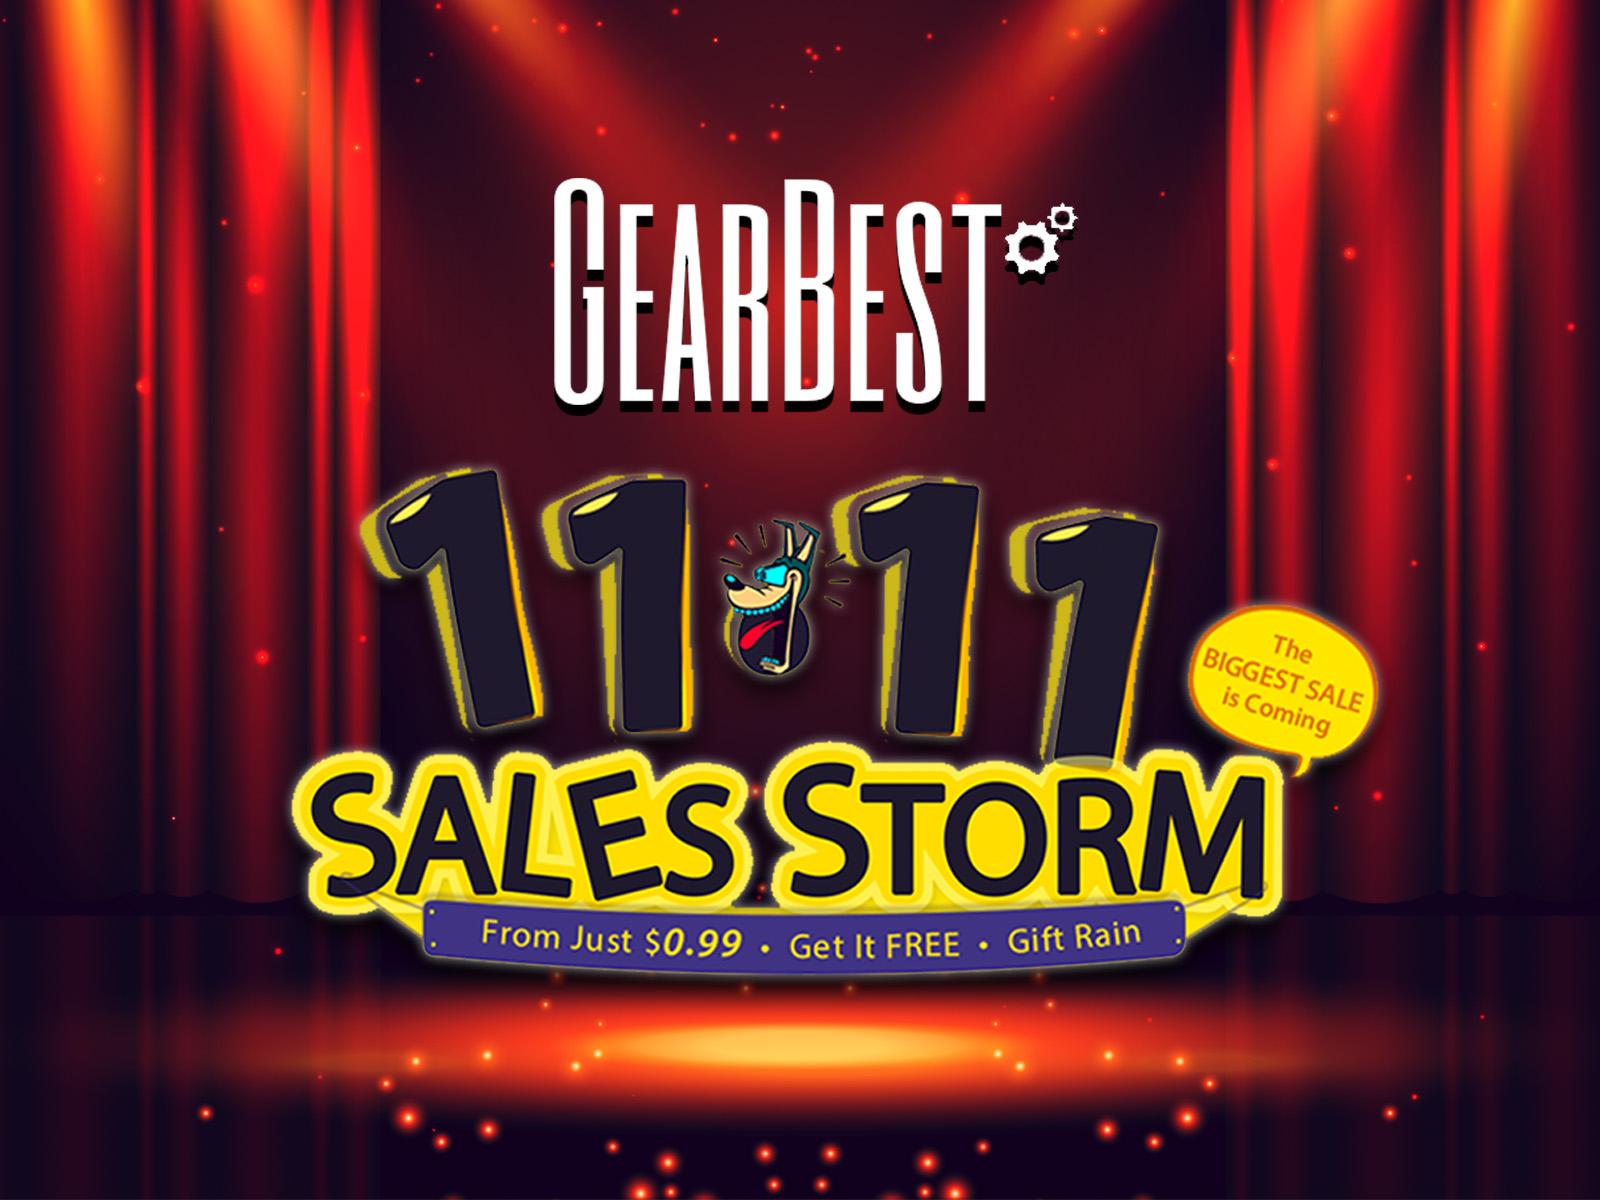 Las mejores ofertas en moviles para el 11 del 11 en Gearbest